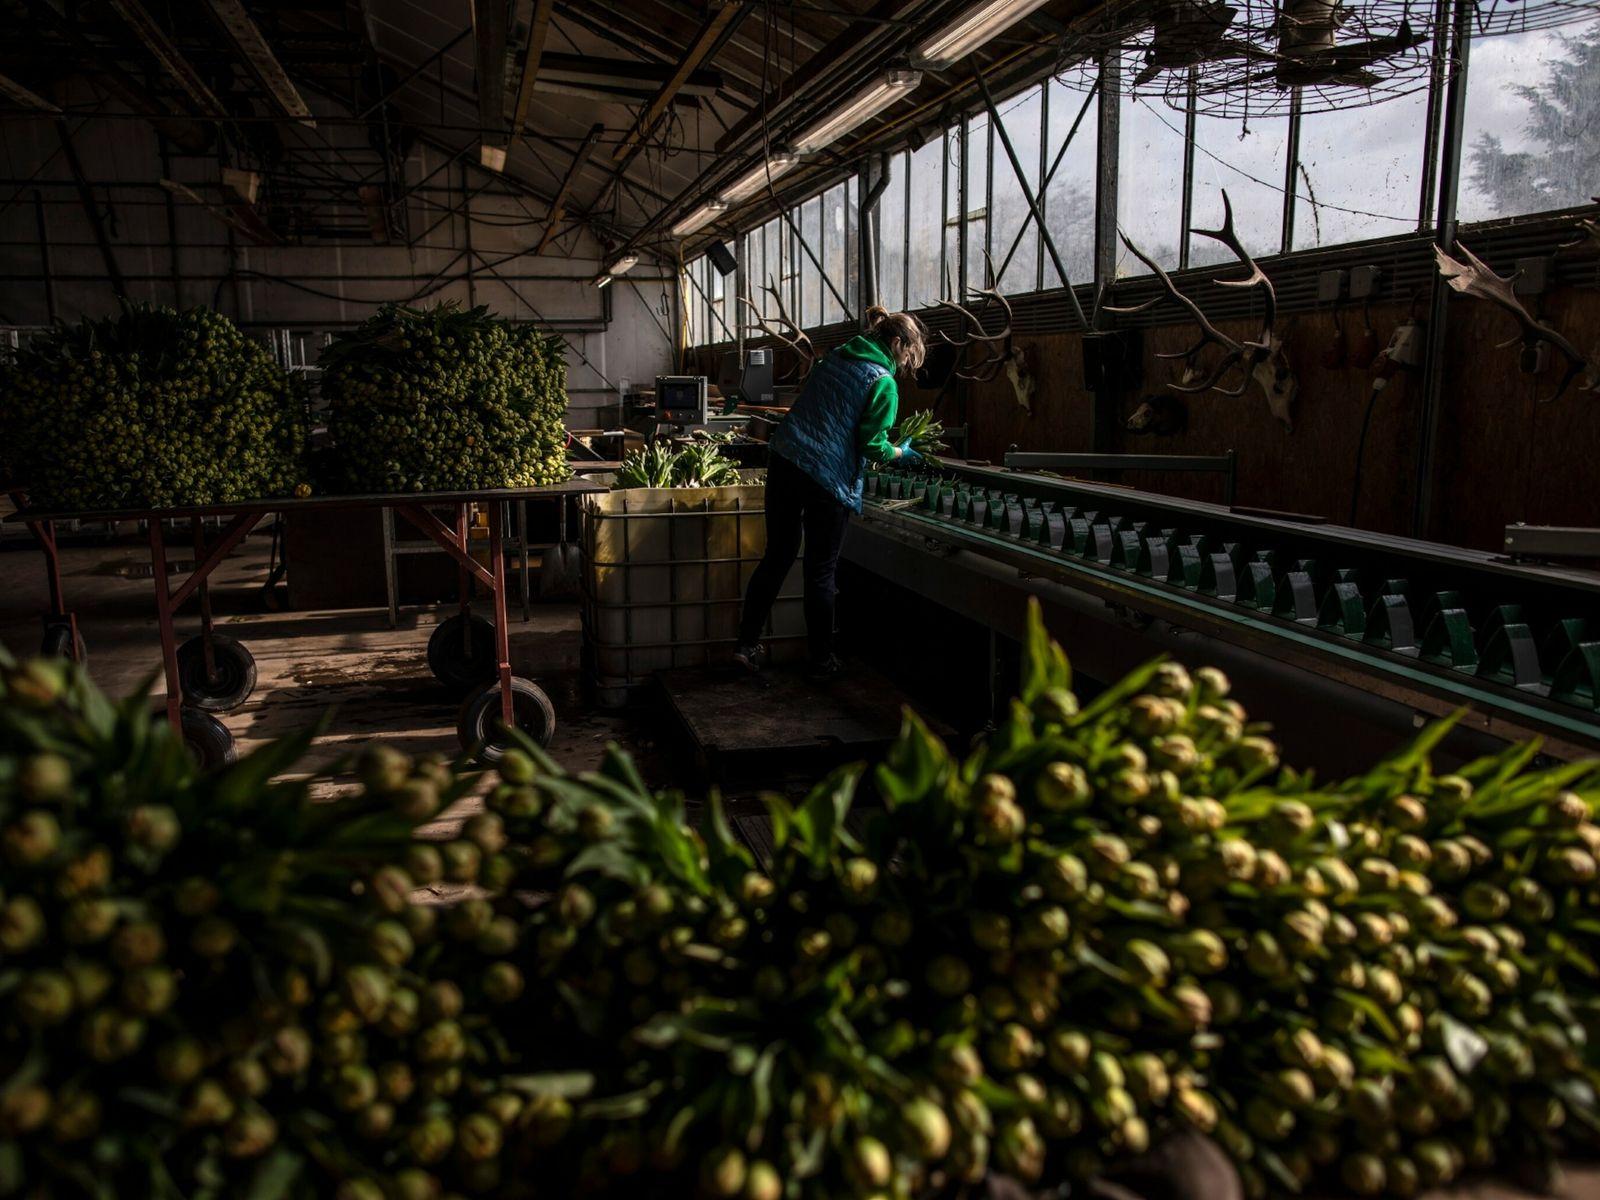 A worker prepares tulips to go to market at the Van Hage flower farm in Noordwijkerhout, ...